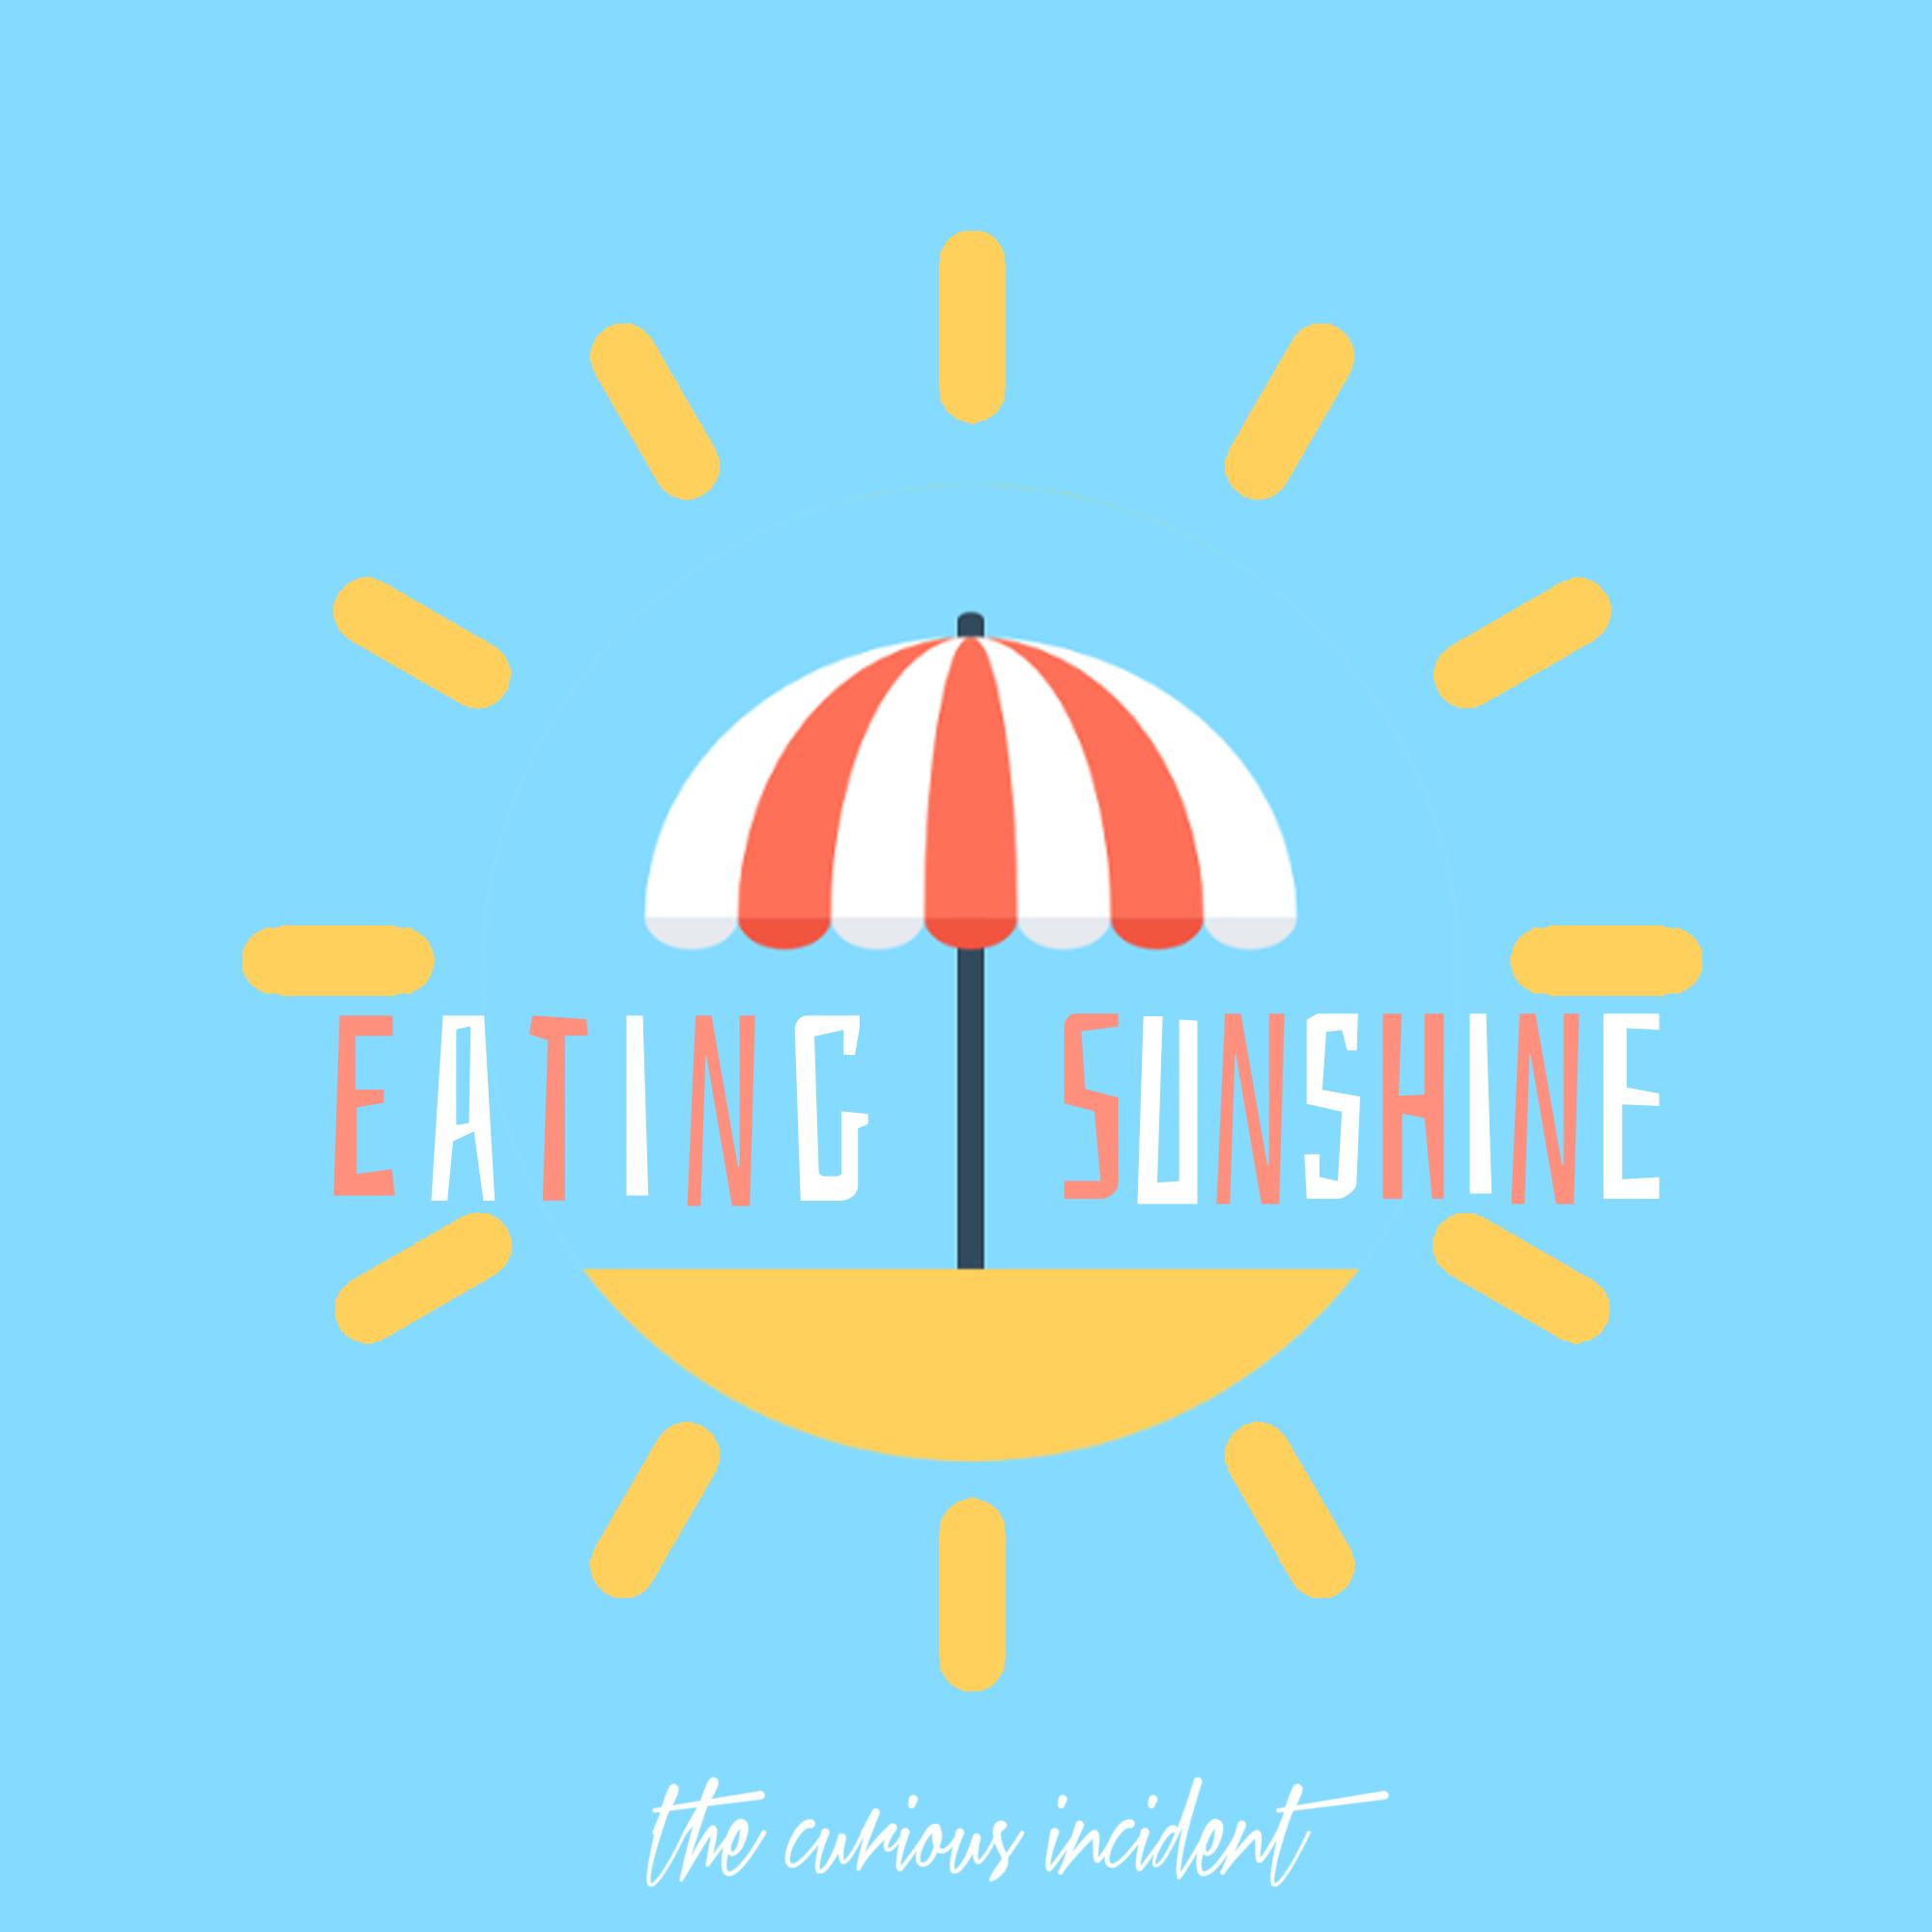 eating sunshine single artwork